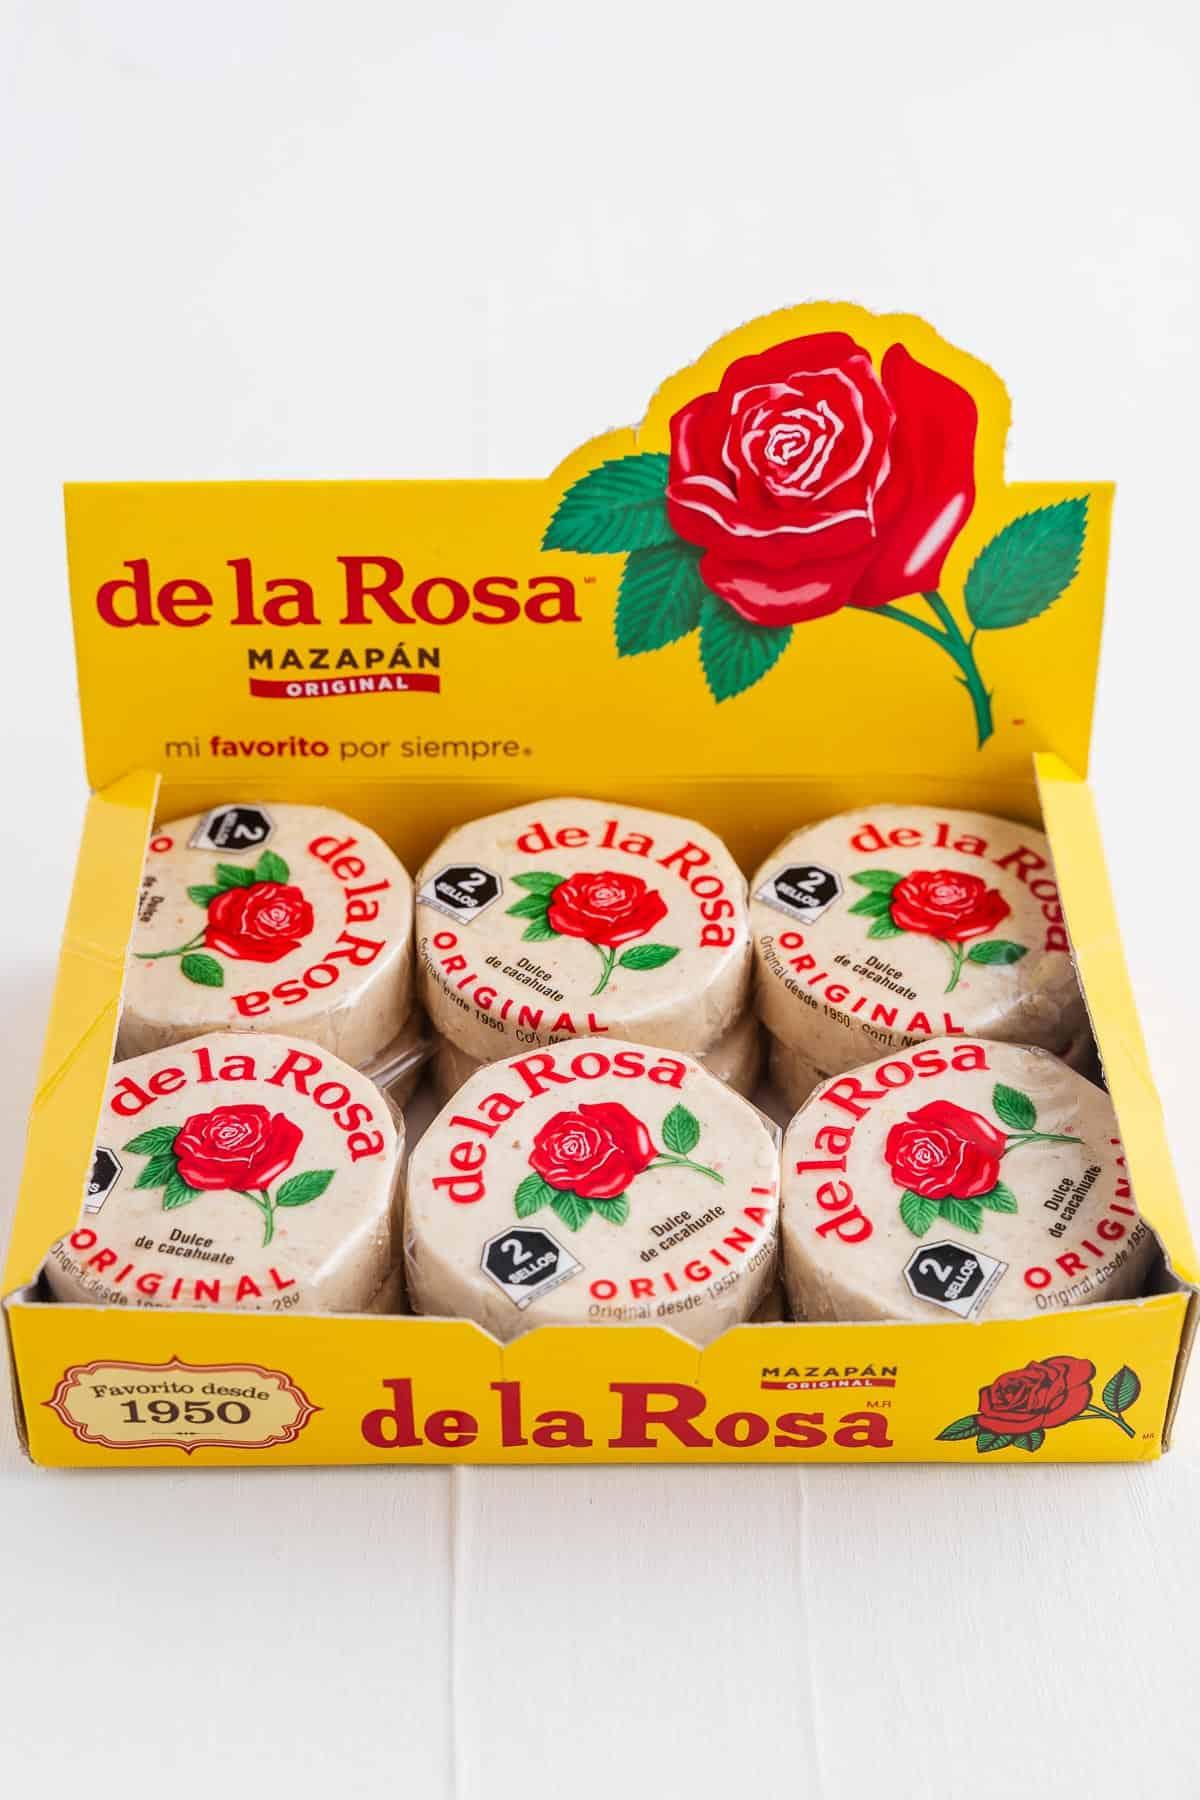 Box of de la Rosa Candy